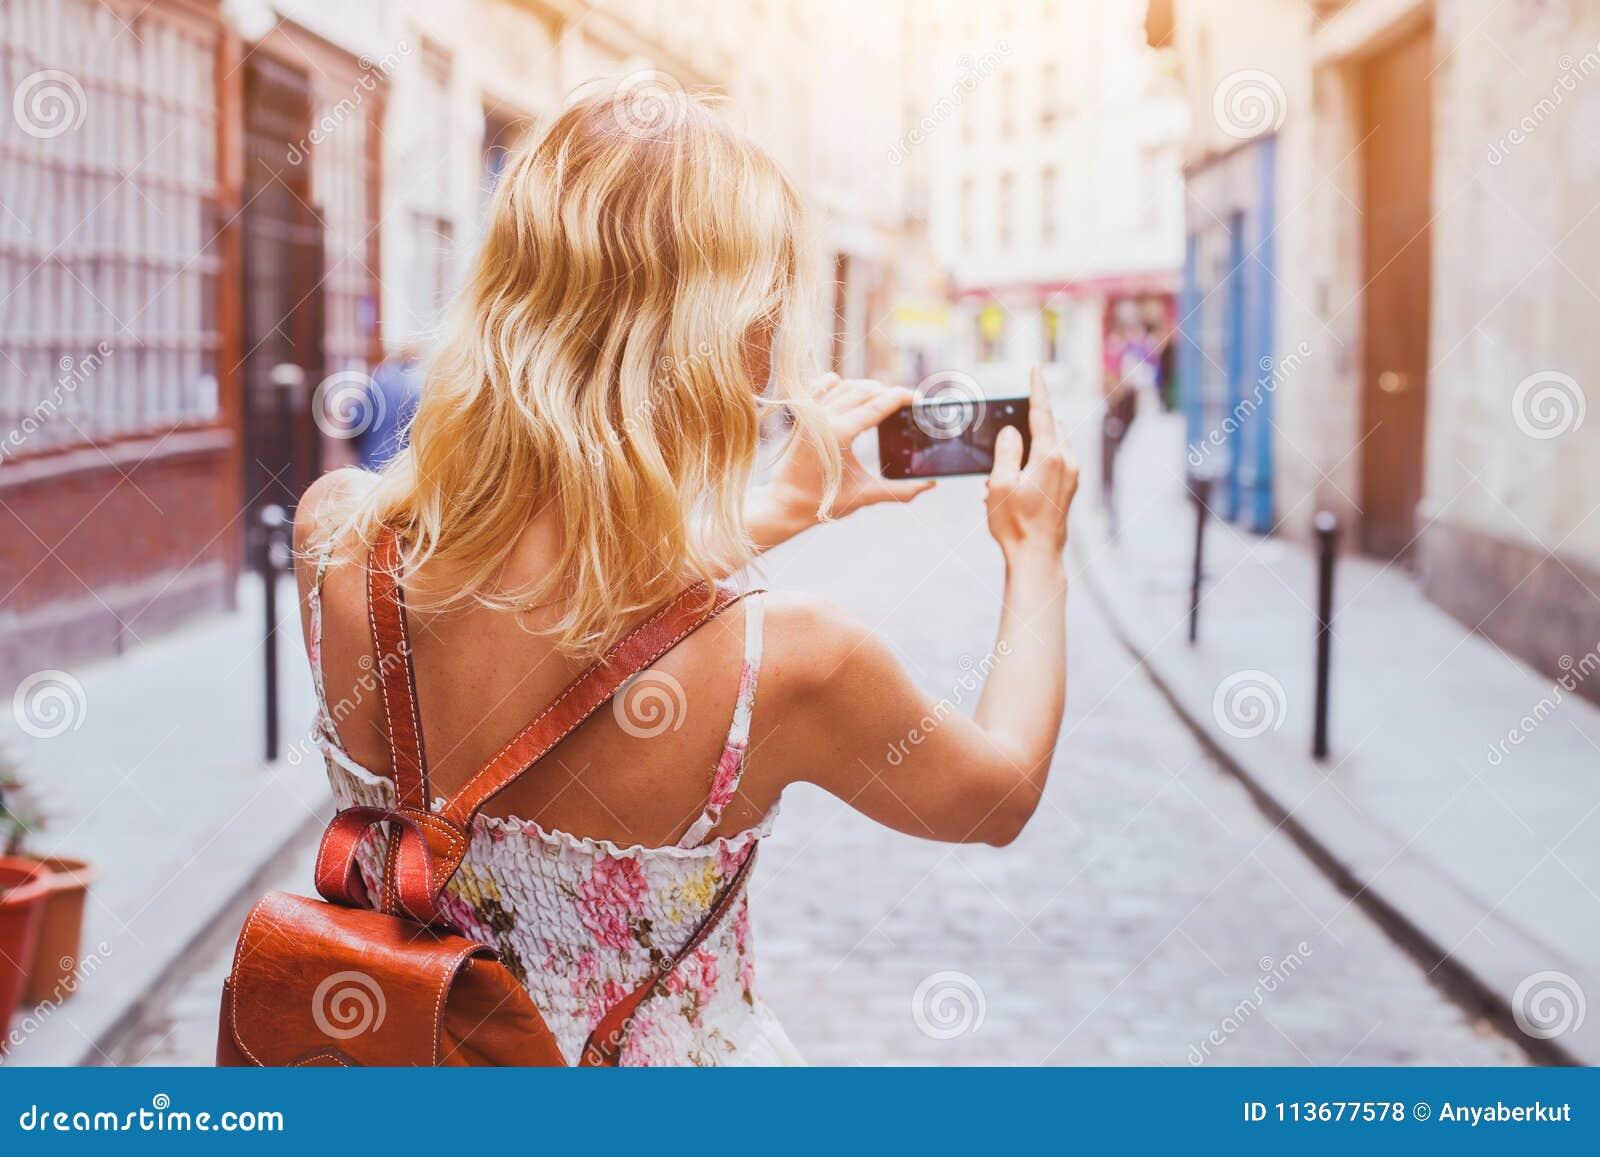 Turist- tagande foto på gatan, turismen och loppet